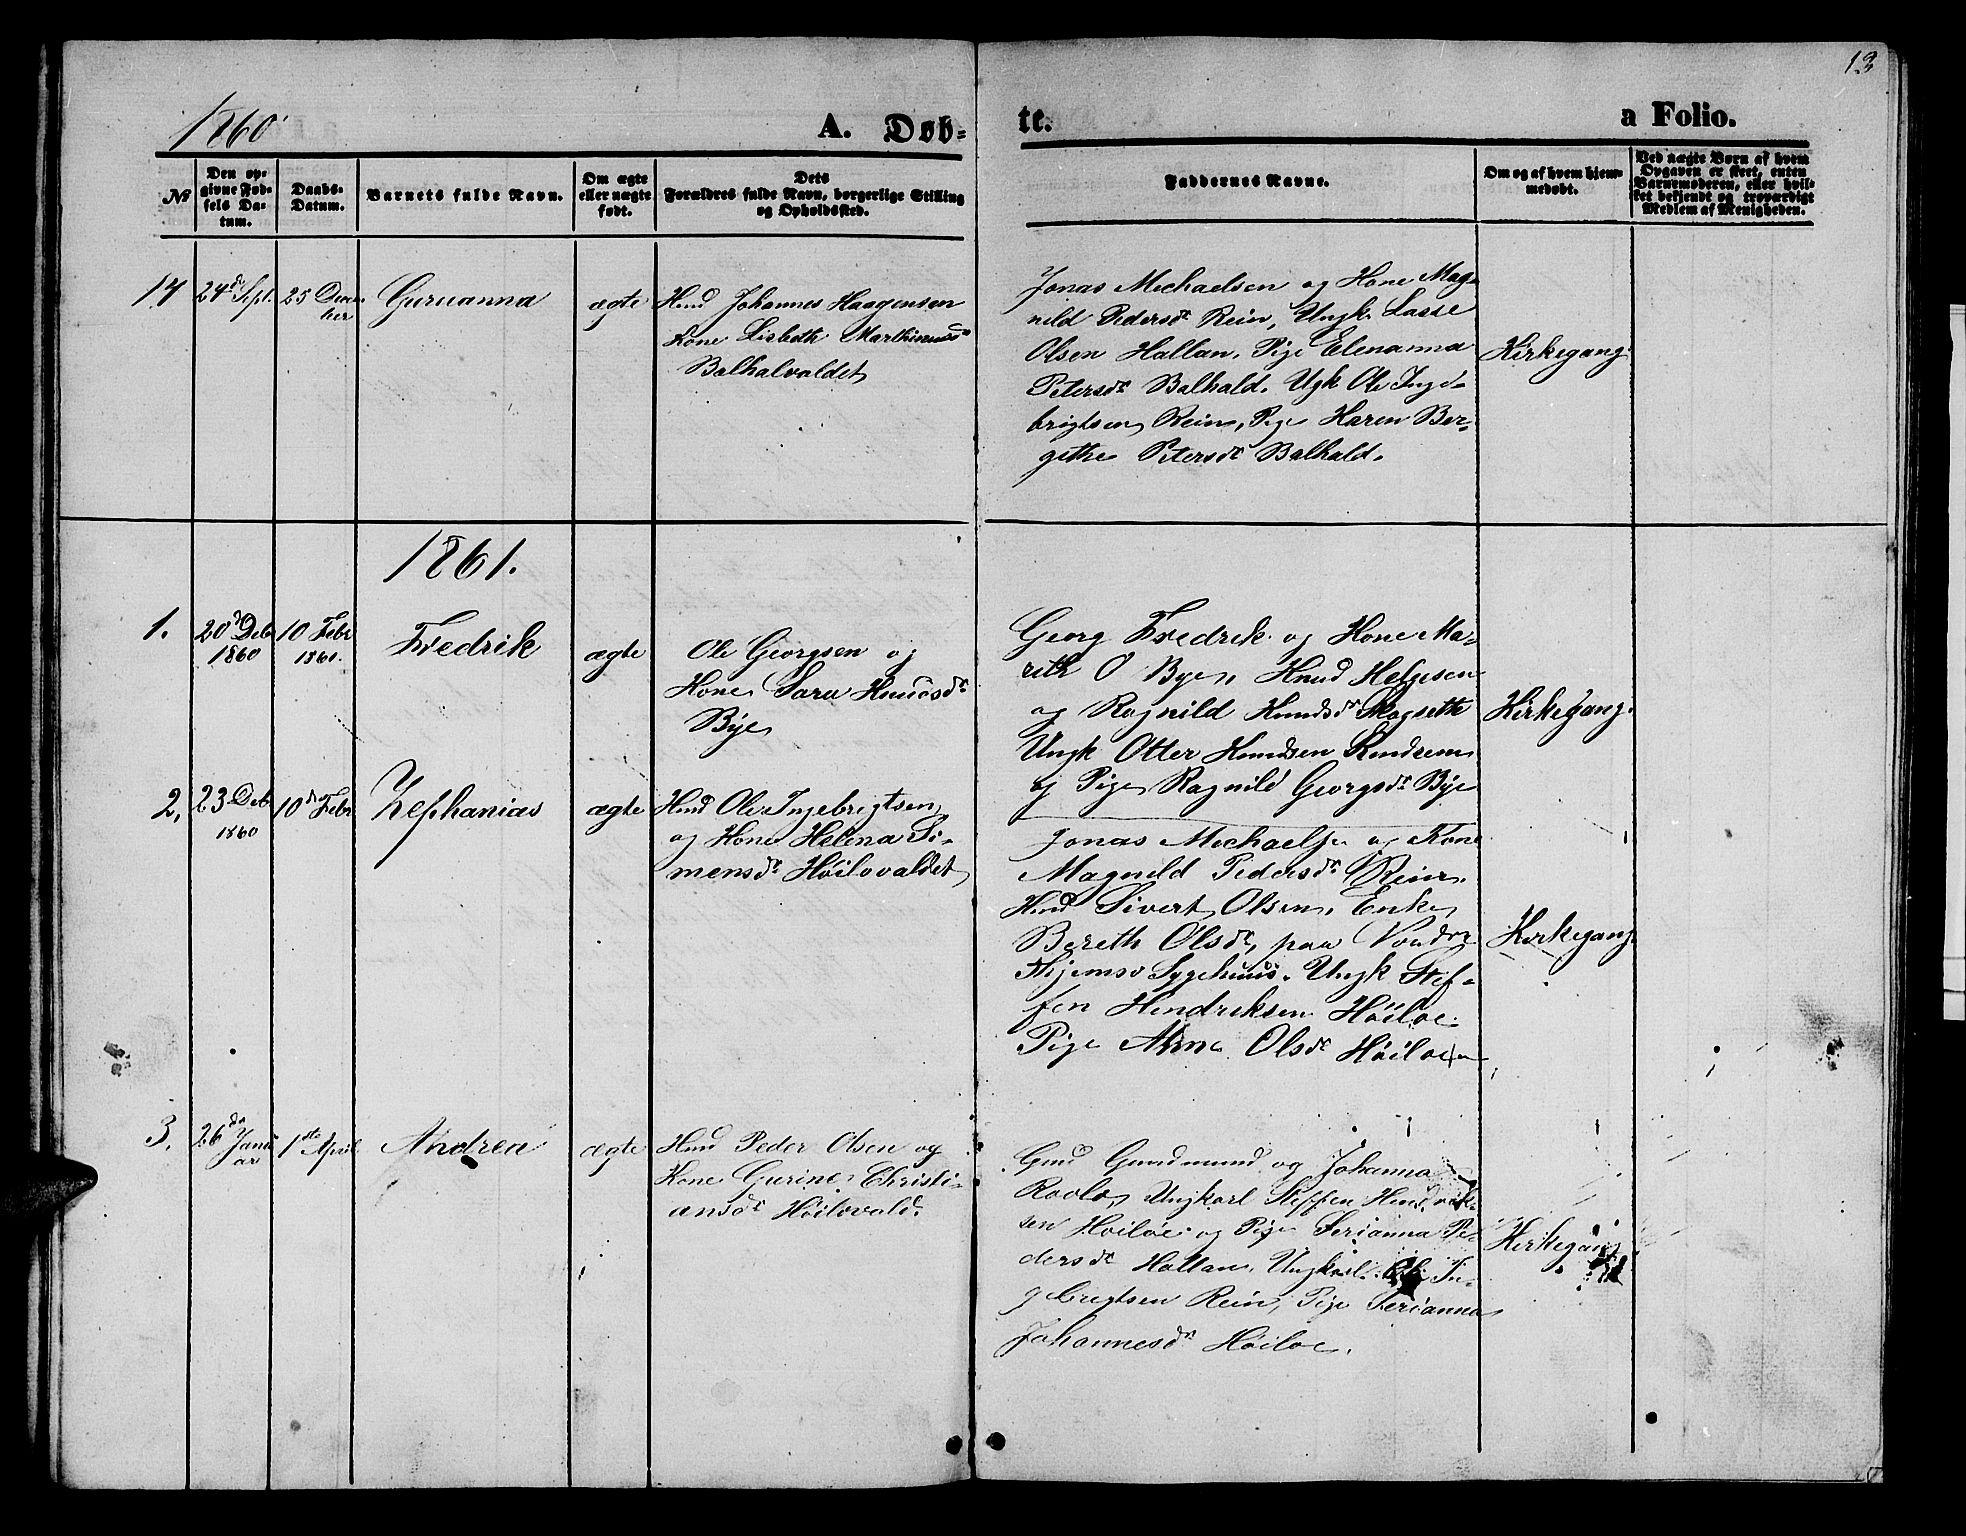 SAT, Ministerialprotokoller, klokkerbøker og fødselsregistre - Nord-Trøndelag, 726/L0270: Klokkerbok nr. 726C01, 1858-1868, s. 13